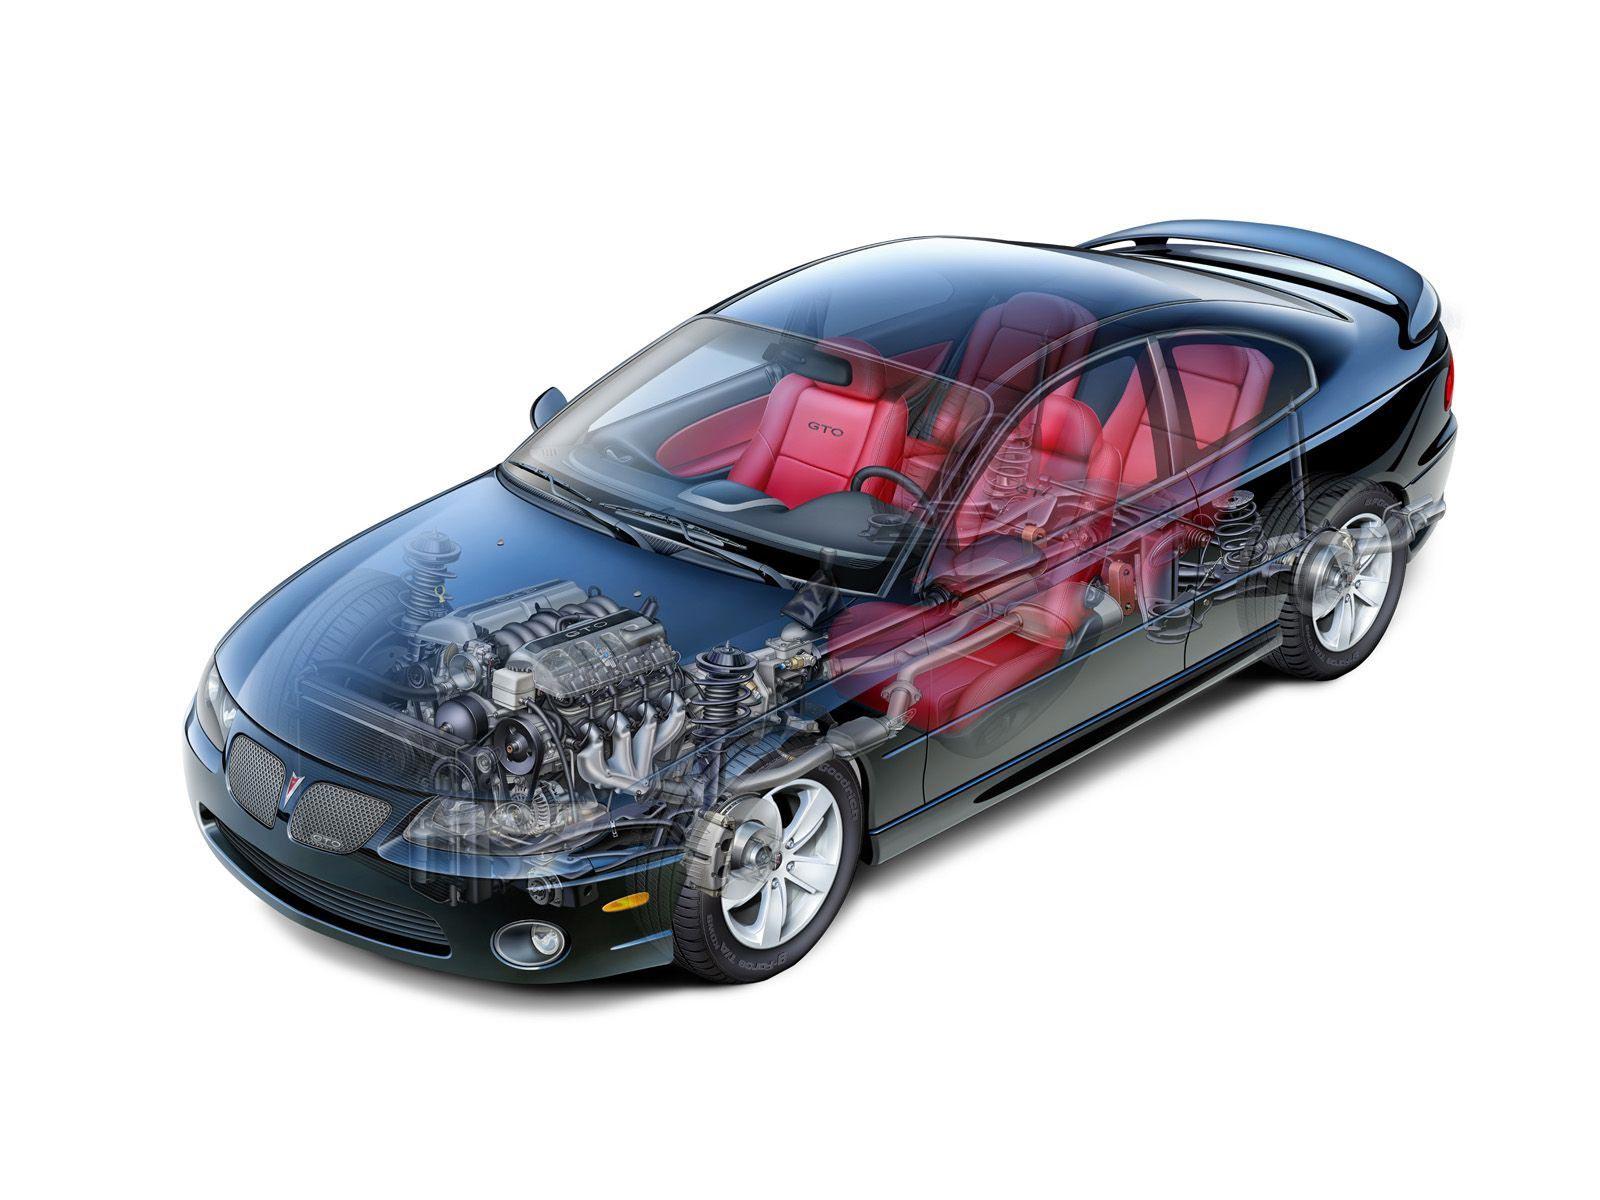 Pontiac GTO cutaway